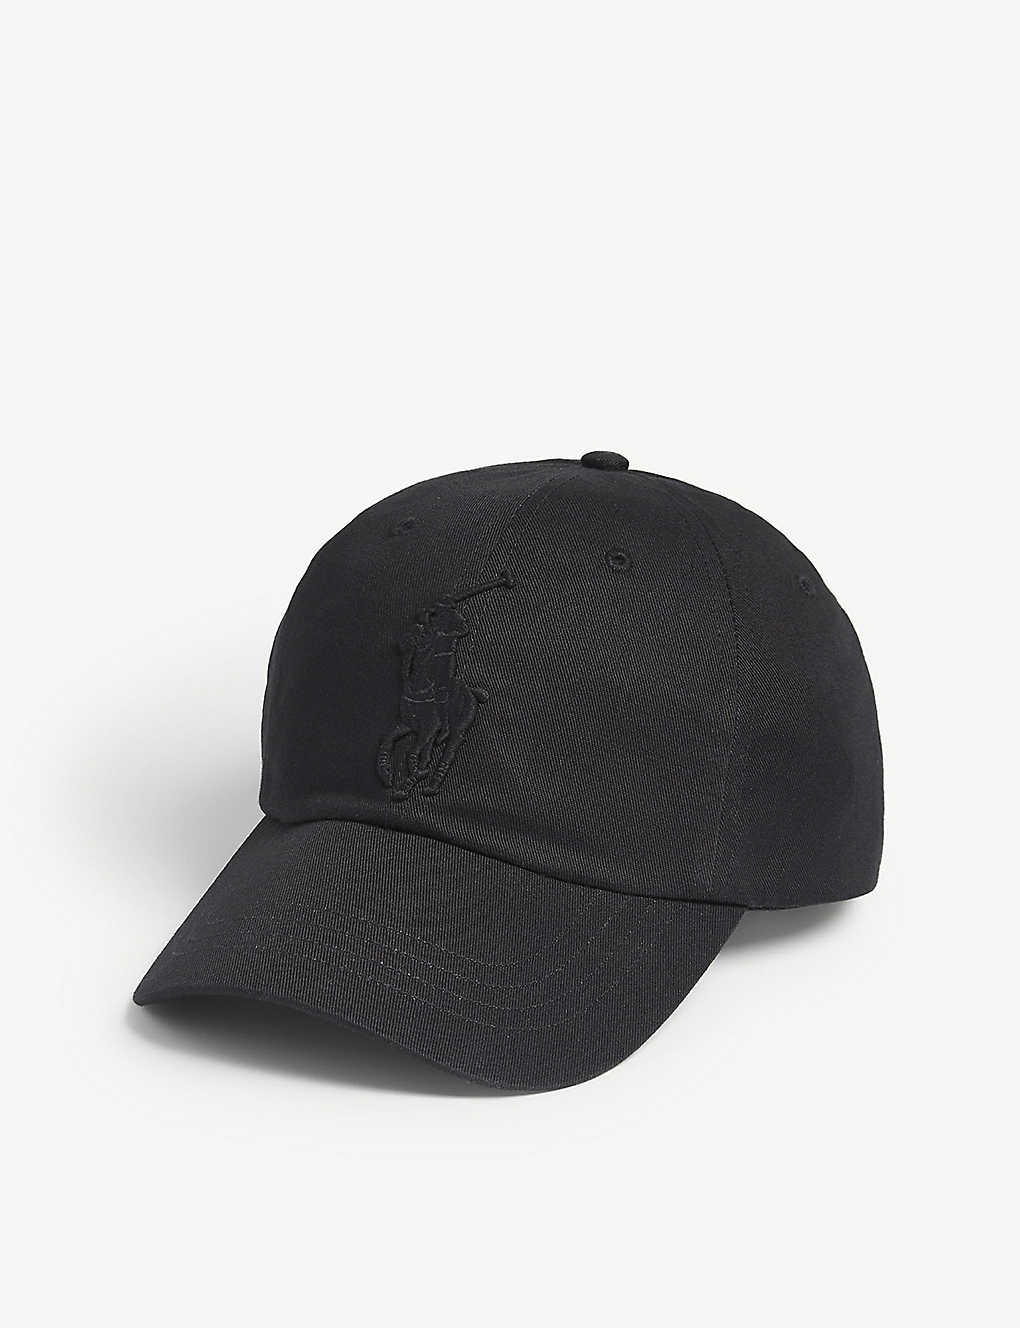 de9b97e4ce0 POLO RALPH LAUREN - Embroidered logo cotton cap